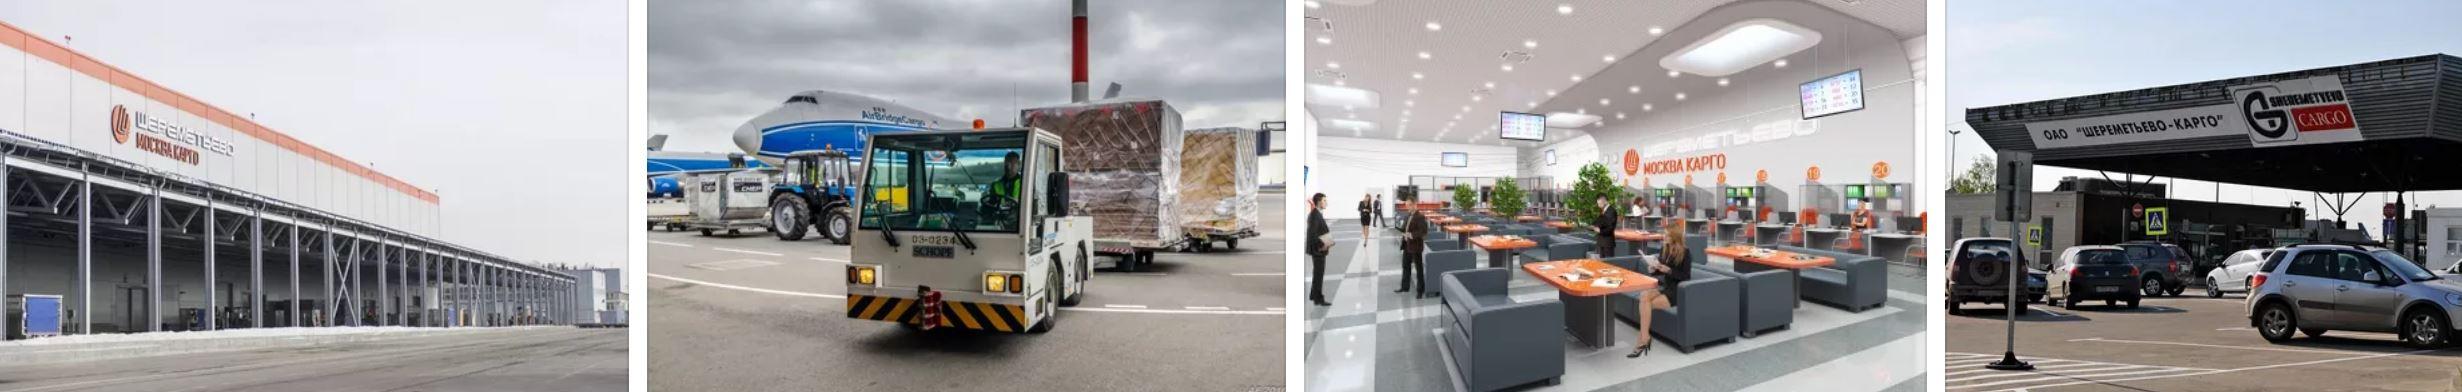 Cargo Moscow терминал грузовой Москва Карго в Шереметьево